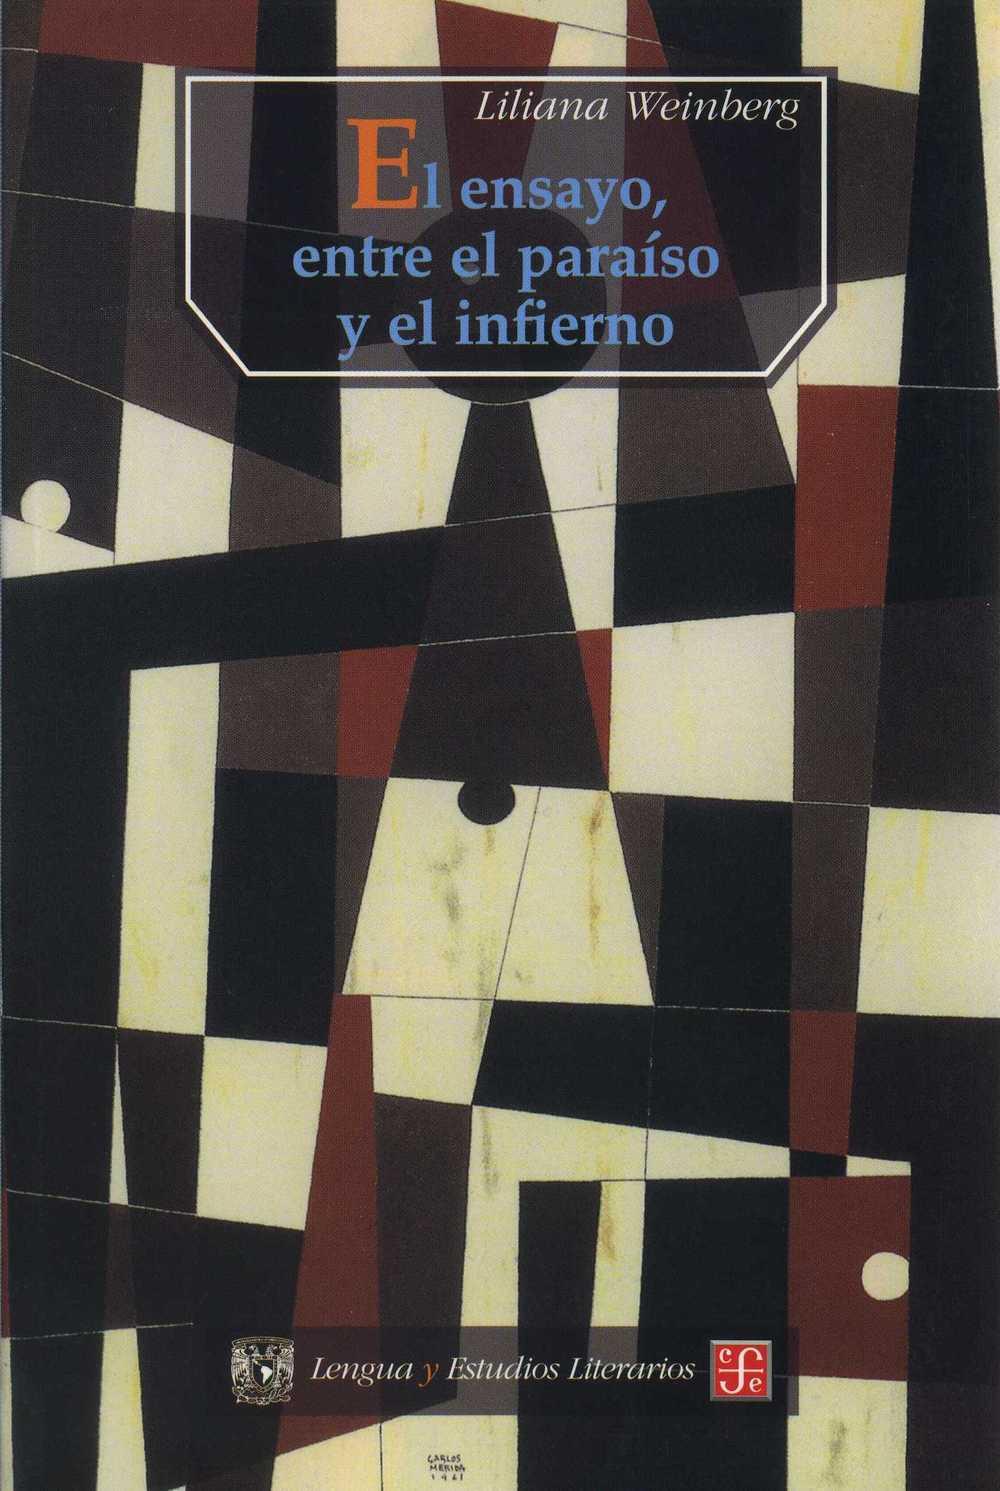 """En El ensayo, entre el paraíso y el inferno, Liliana Weinberg (Bueno Aires, 1956), estudiosa de la cultura latinoamericana, se pregunta: """"¿Cómo definir el ensayo, cómo definir el vuelo?"""" Y propone una primera respuesta: """"Para entender el ensayo es preciso descubrir su primer latido, acercarnos a su nacimiento mismo, cuando el ensayista pronuncia las palabras 'yo, aquí, ahora', y seguirlo luego en su despliegue, en este hacerse, de acontecimiento, sentido, de suceso, valor, y en este volverse, por la interpretación, de voz individual en palabra comunitaria"""".  La autora hace una profunda reflexión de la mano de los propios maestros del género. Desde Montaigne, reconocido como el primer ensayista no sólo porque da nombre al género sino porque incluye la posibilidad de inflexión del yo, pasando por Alfonso Reyes, Jorge Luis Borges, Octavio Paz, que reflexionan sobre el hombre y la escritura, hasta las más jóvenes manifestaciones del ensayo en la frontera con otras formas discursivas.  Weinberg abre también puertas y ventanas —como ella misma dice— al descubrimiento y reconocimiento del ensayo como expresión escrita de la realidad propia de quien lo firma y de su entorno.   El ensayo, entre el paraíso y el infierno obtuvo en 1997 el Premio Anual de Ensayo Literario Hispanoamericano Lya Kostakowsky correspondiente a 1996.     Ver en google books    Ver reseña de Carlos Pereda"""